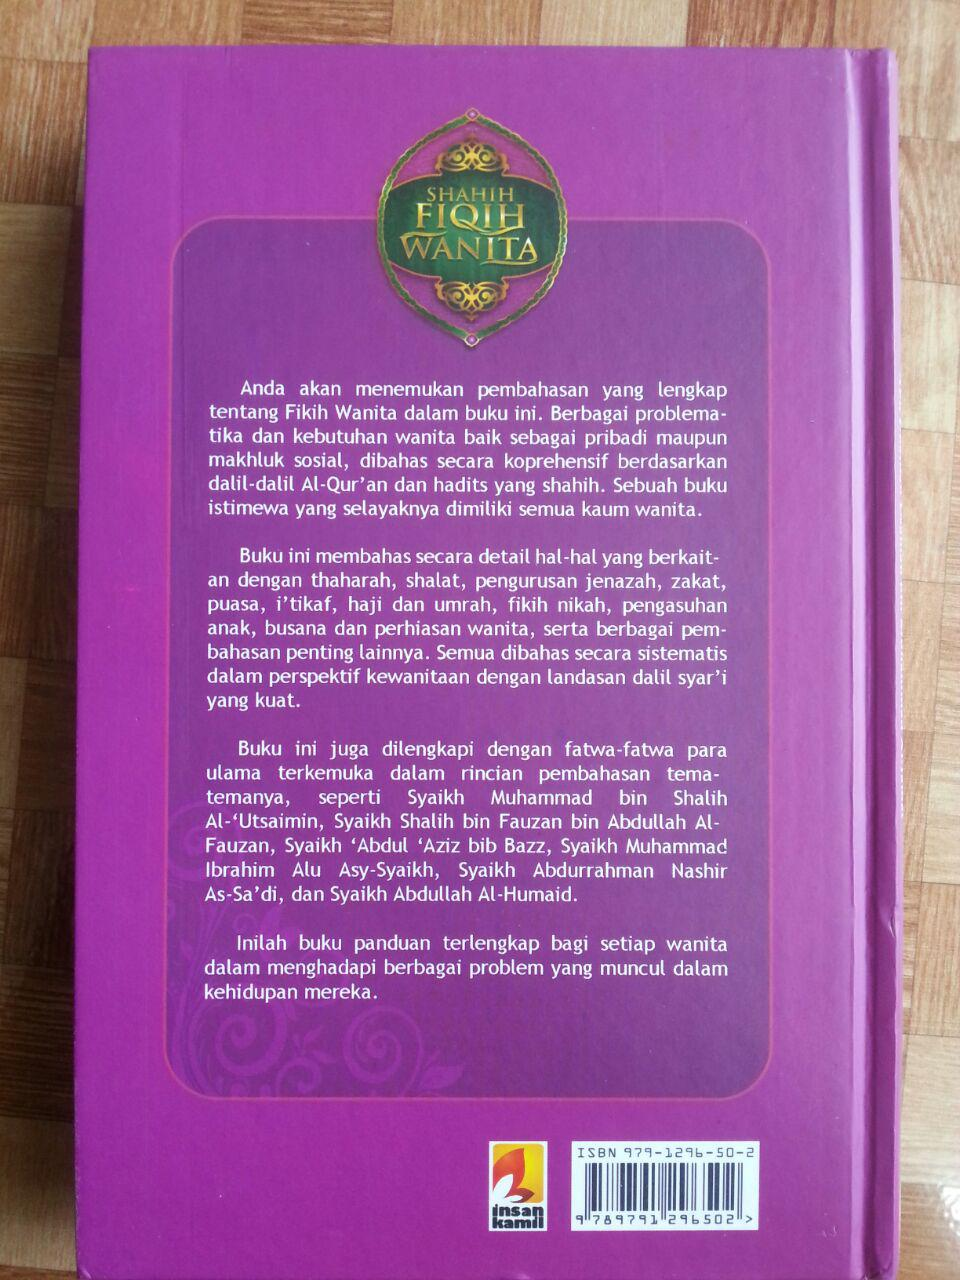 Buku Shahih Fiqih Wanita Syaikh Abu Ubaidah Usamah cover